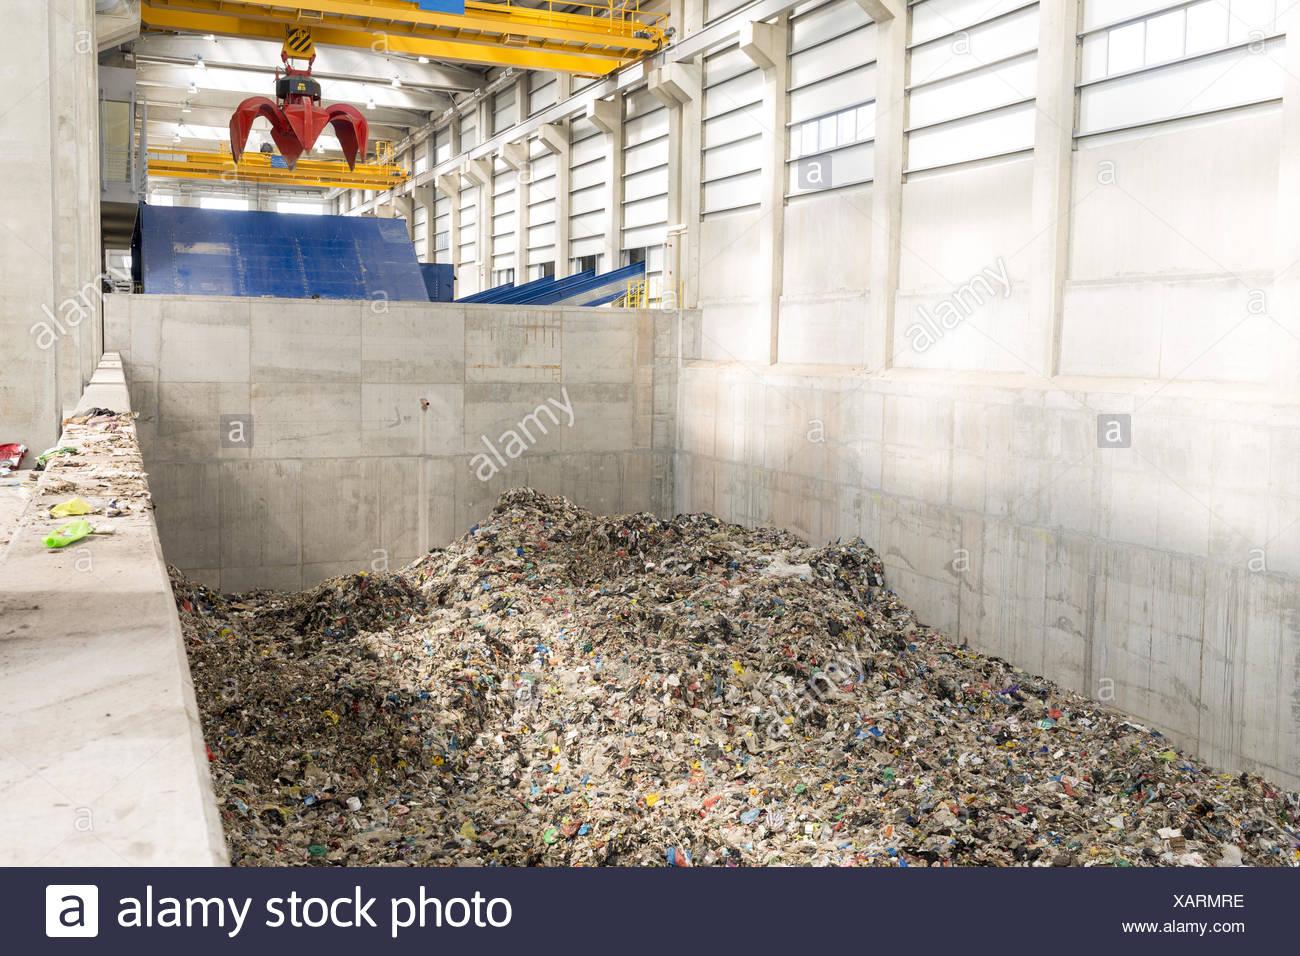 Waste management facility - Stock Image